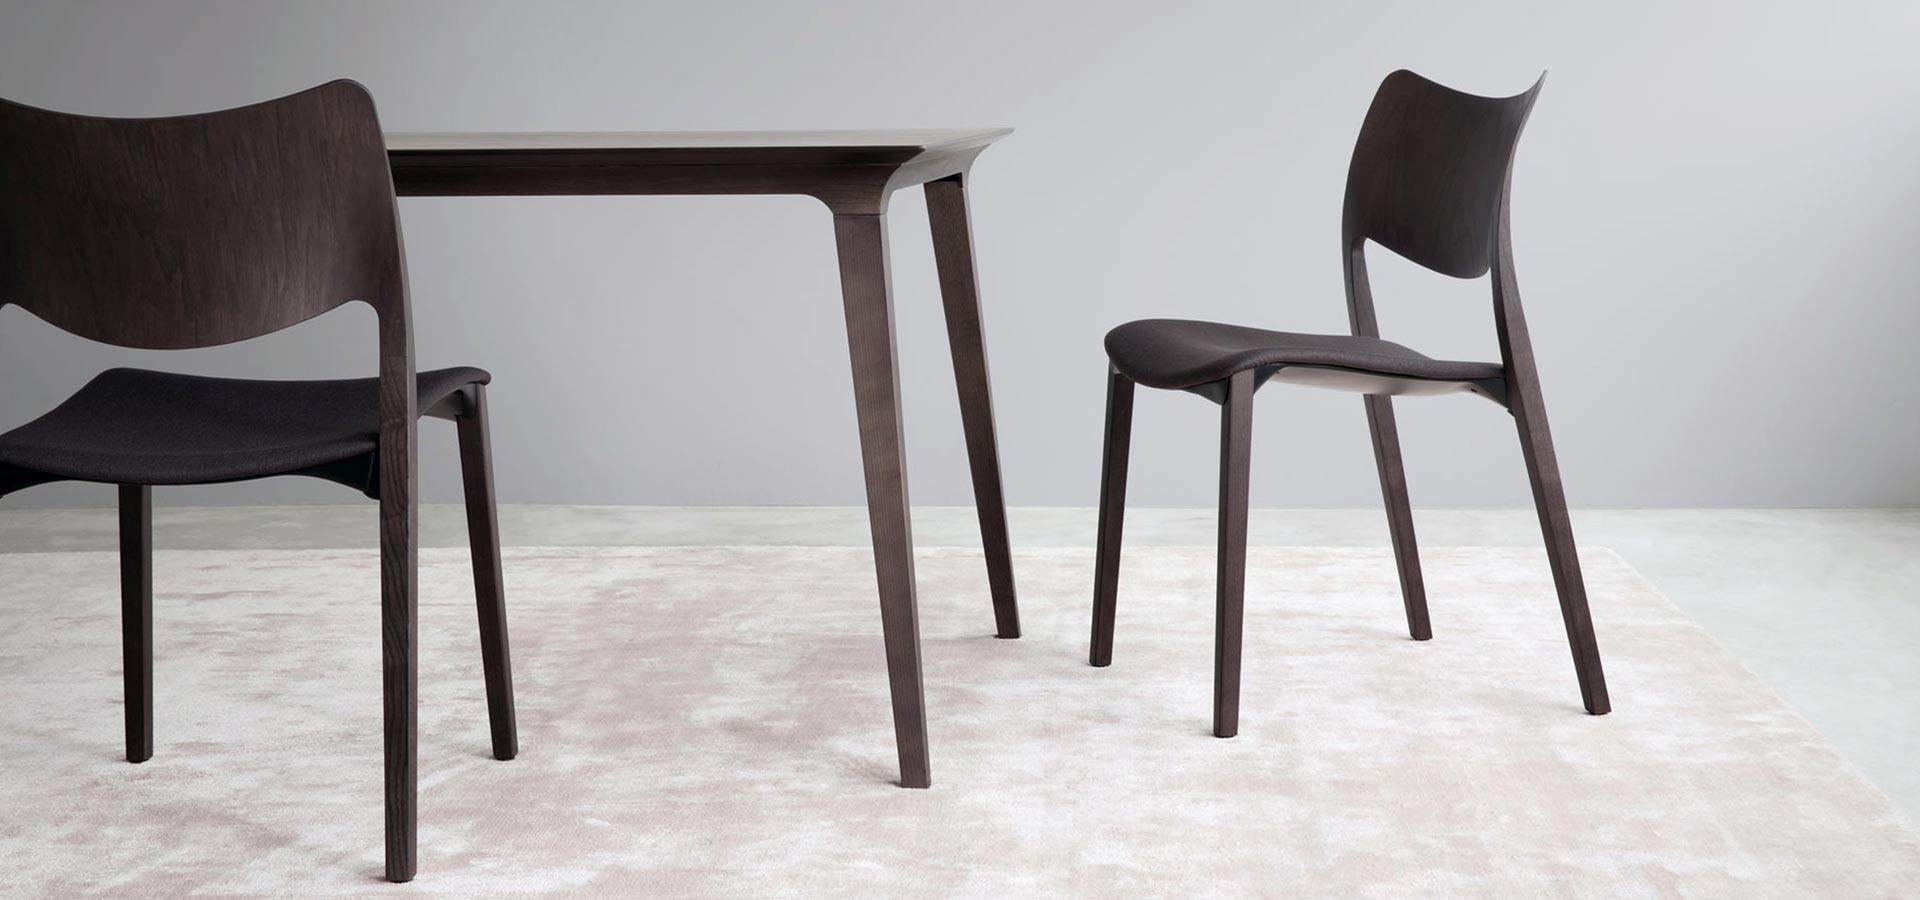 Sillas comedor de dise o moderno con varios estilos ismoble for Comedor 10 sillas